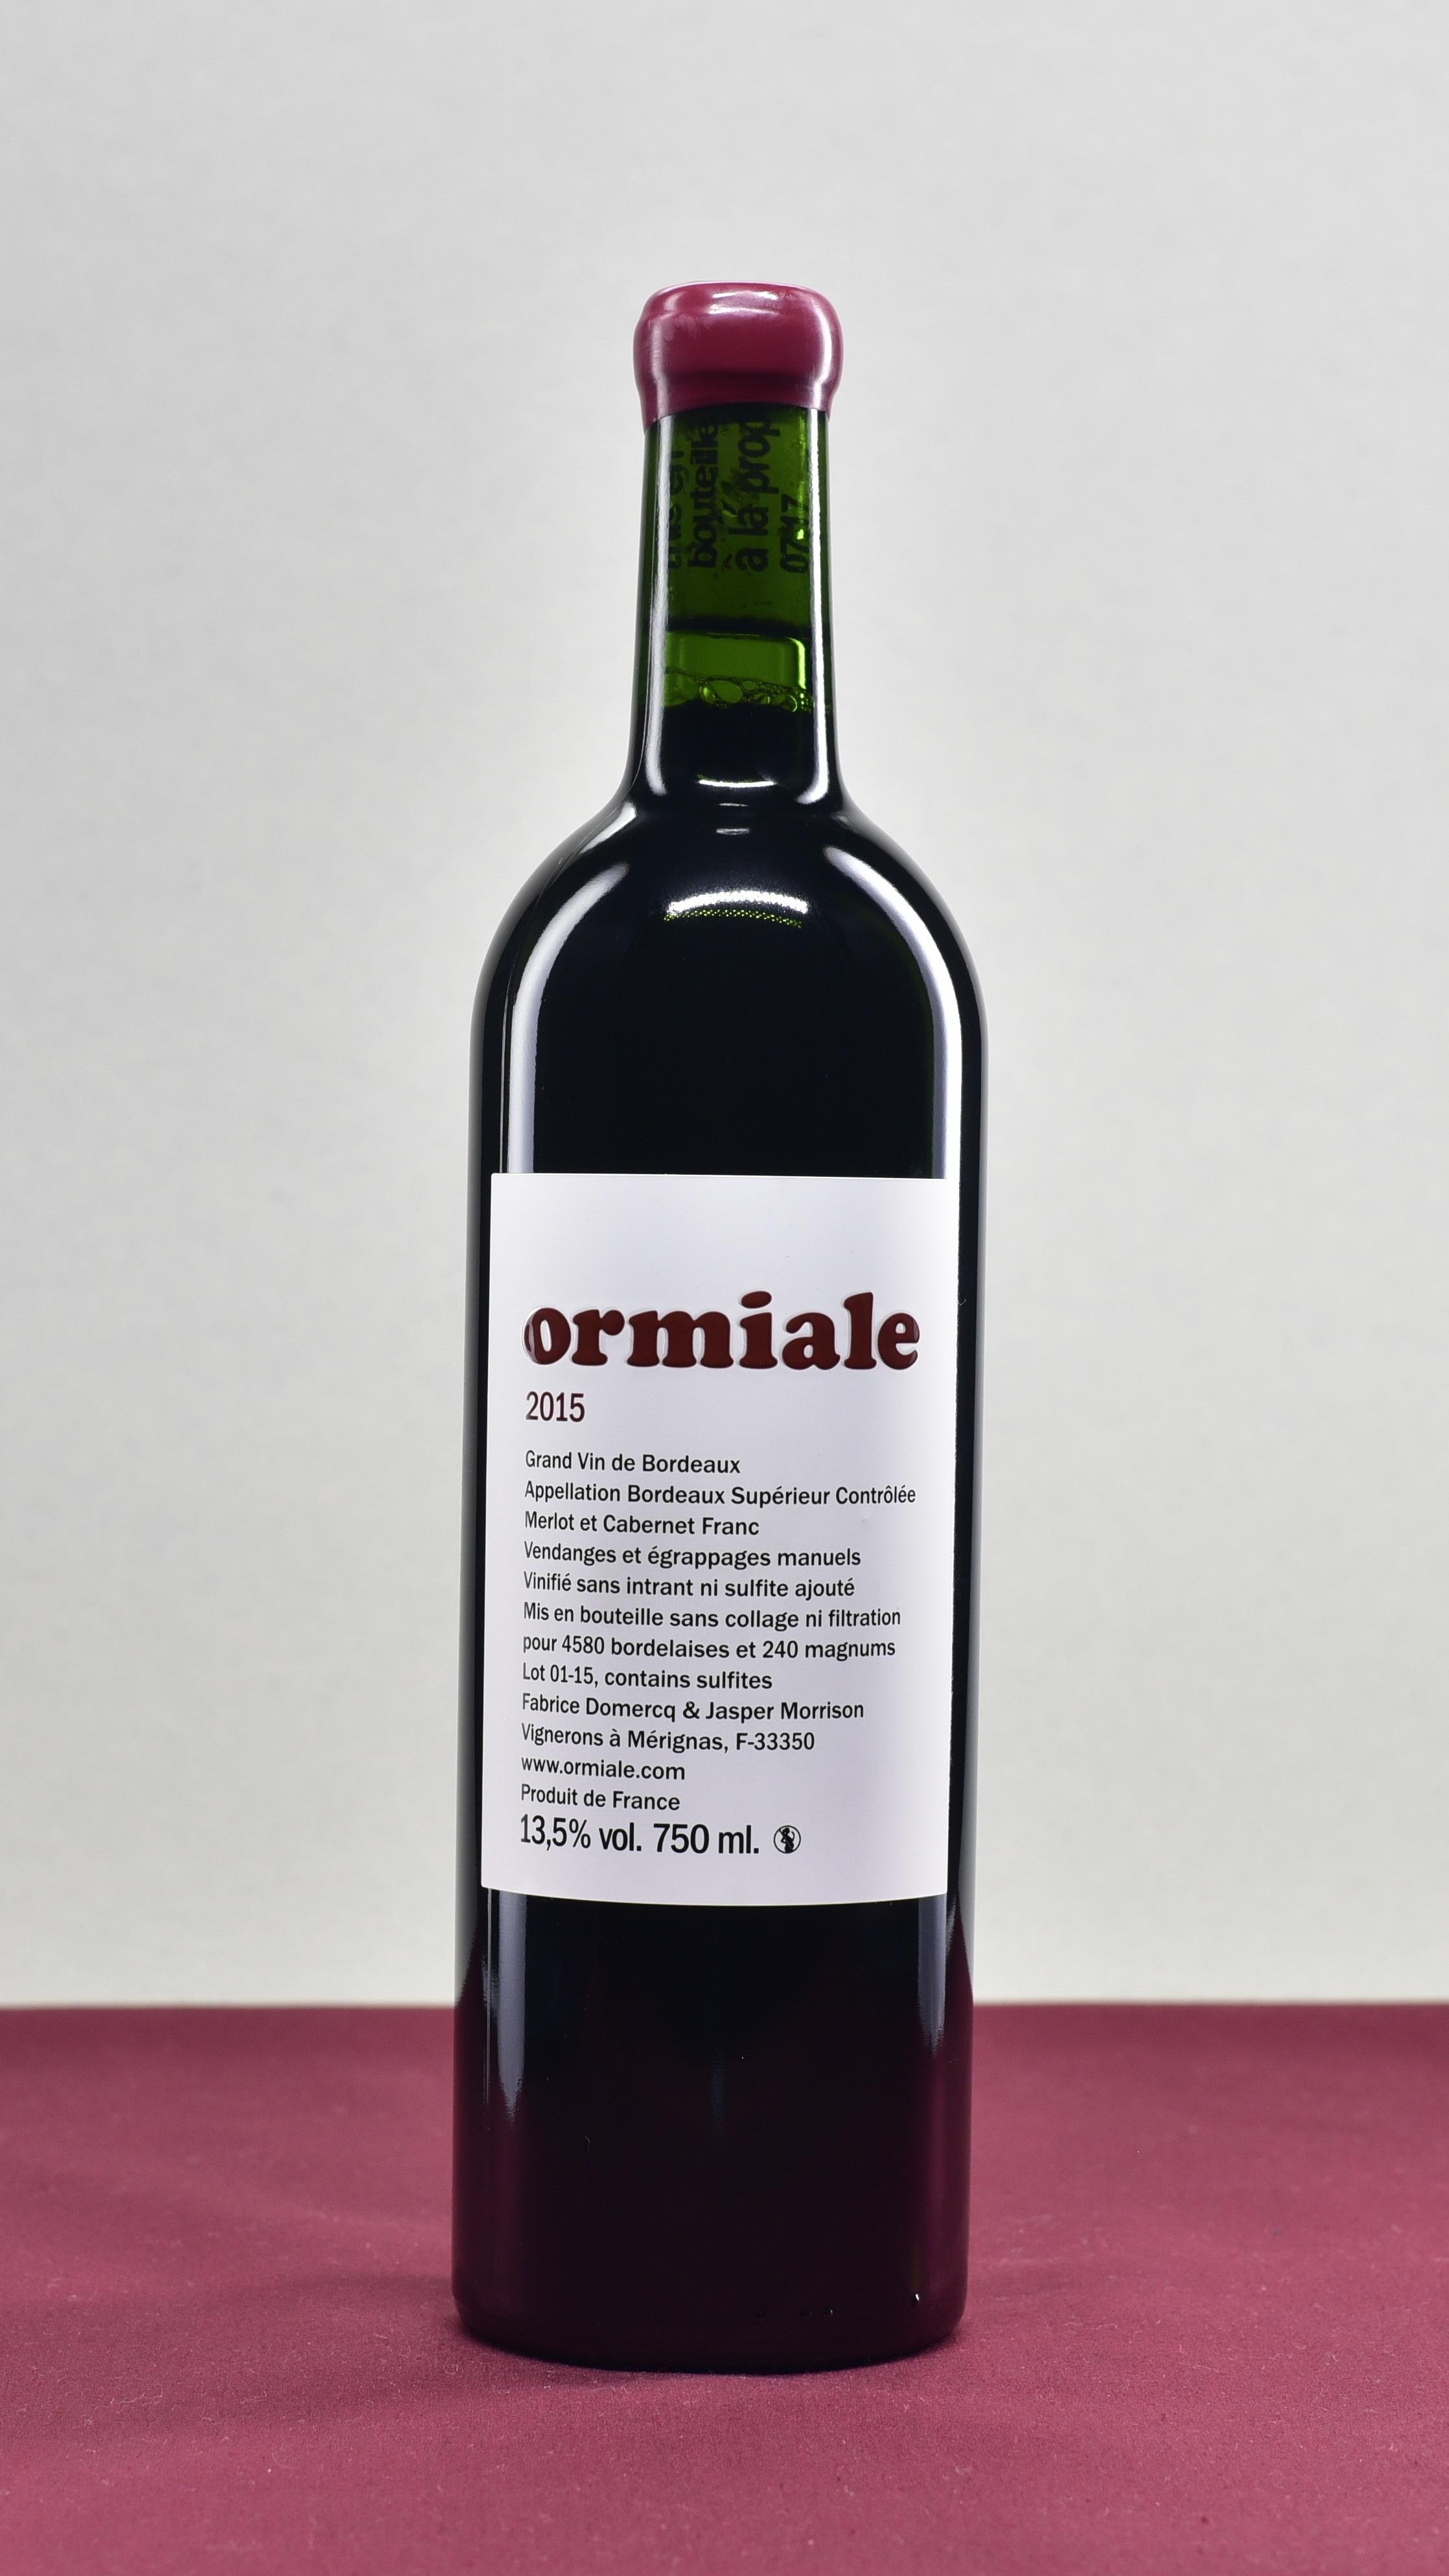 ORMIALE - Ormiale | Fabrice Domercq & Jasper Morrison Merlot & Cabernet FrancAOP Bordeaux Supérieur | 2015